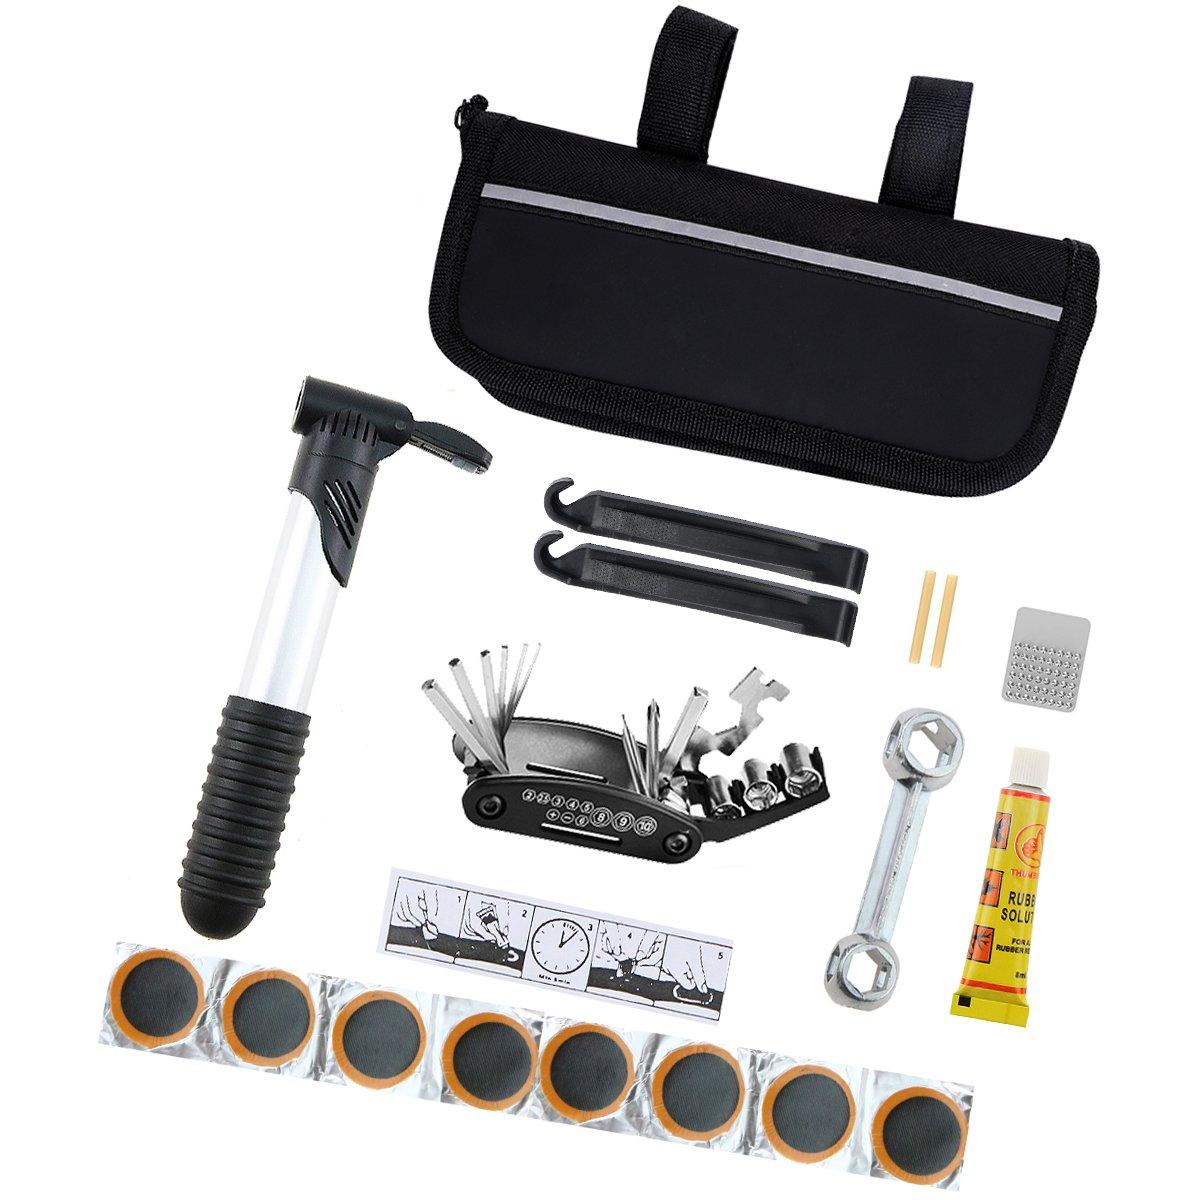 Black Mini Bicycle Repair Tool Kit Multi-Functional Bicycle Maintenance Tools With Handy Bag With Tire Repair, Pump, Repair wrench